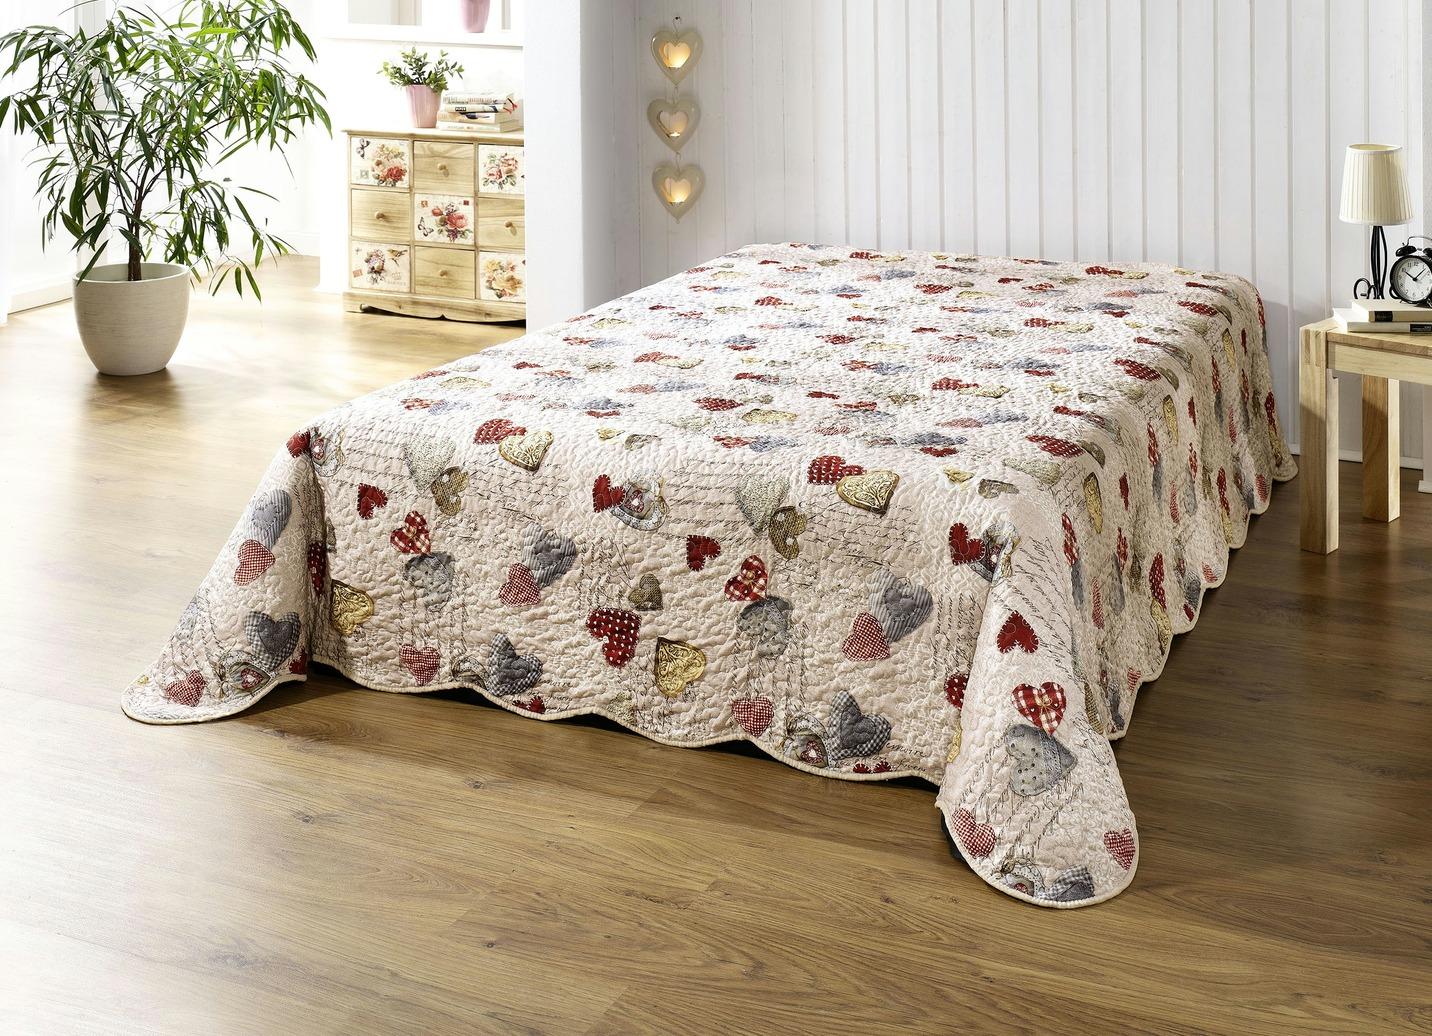 Dreams Tagesdecke mit Herzchen-Motiven Größe 914 (für Doppelbett 280x210 cm) Bunt Preisvergleich